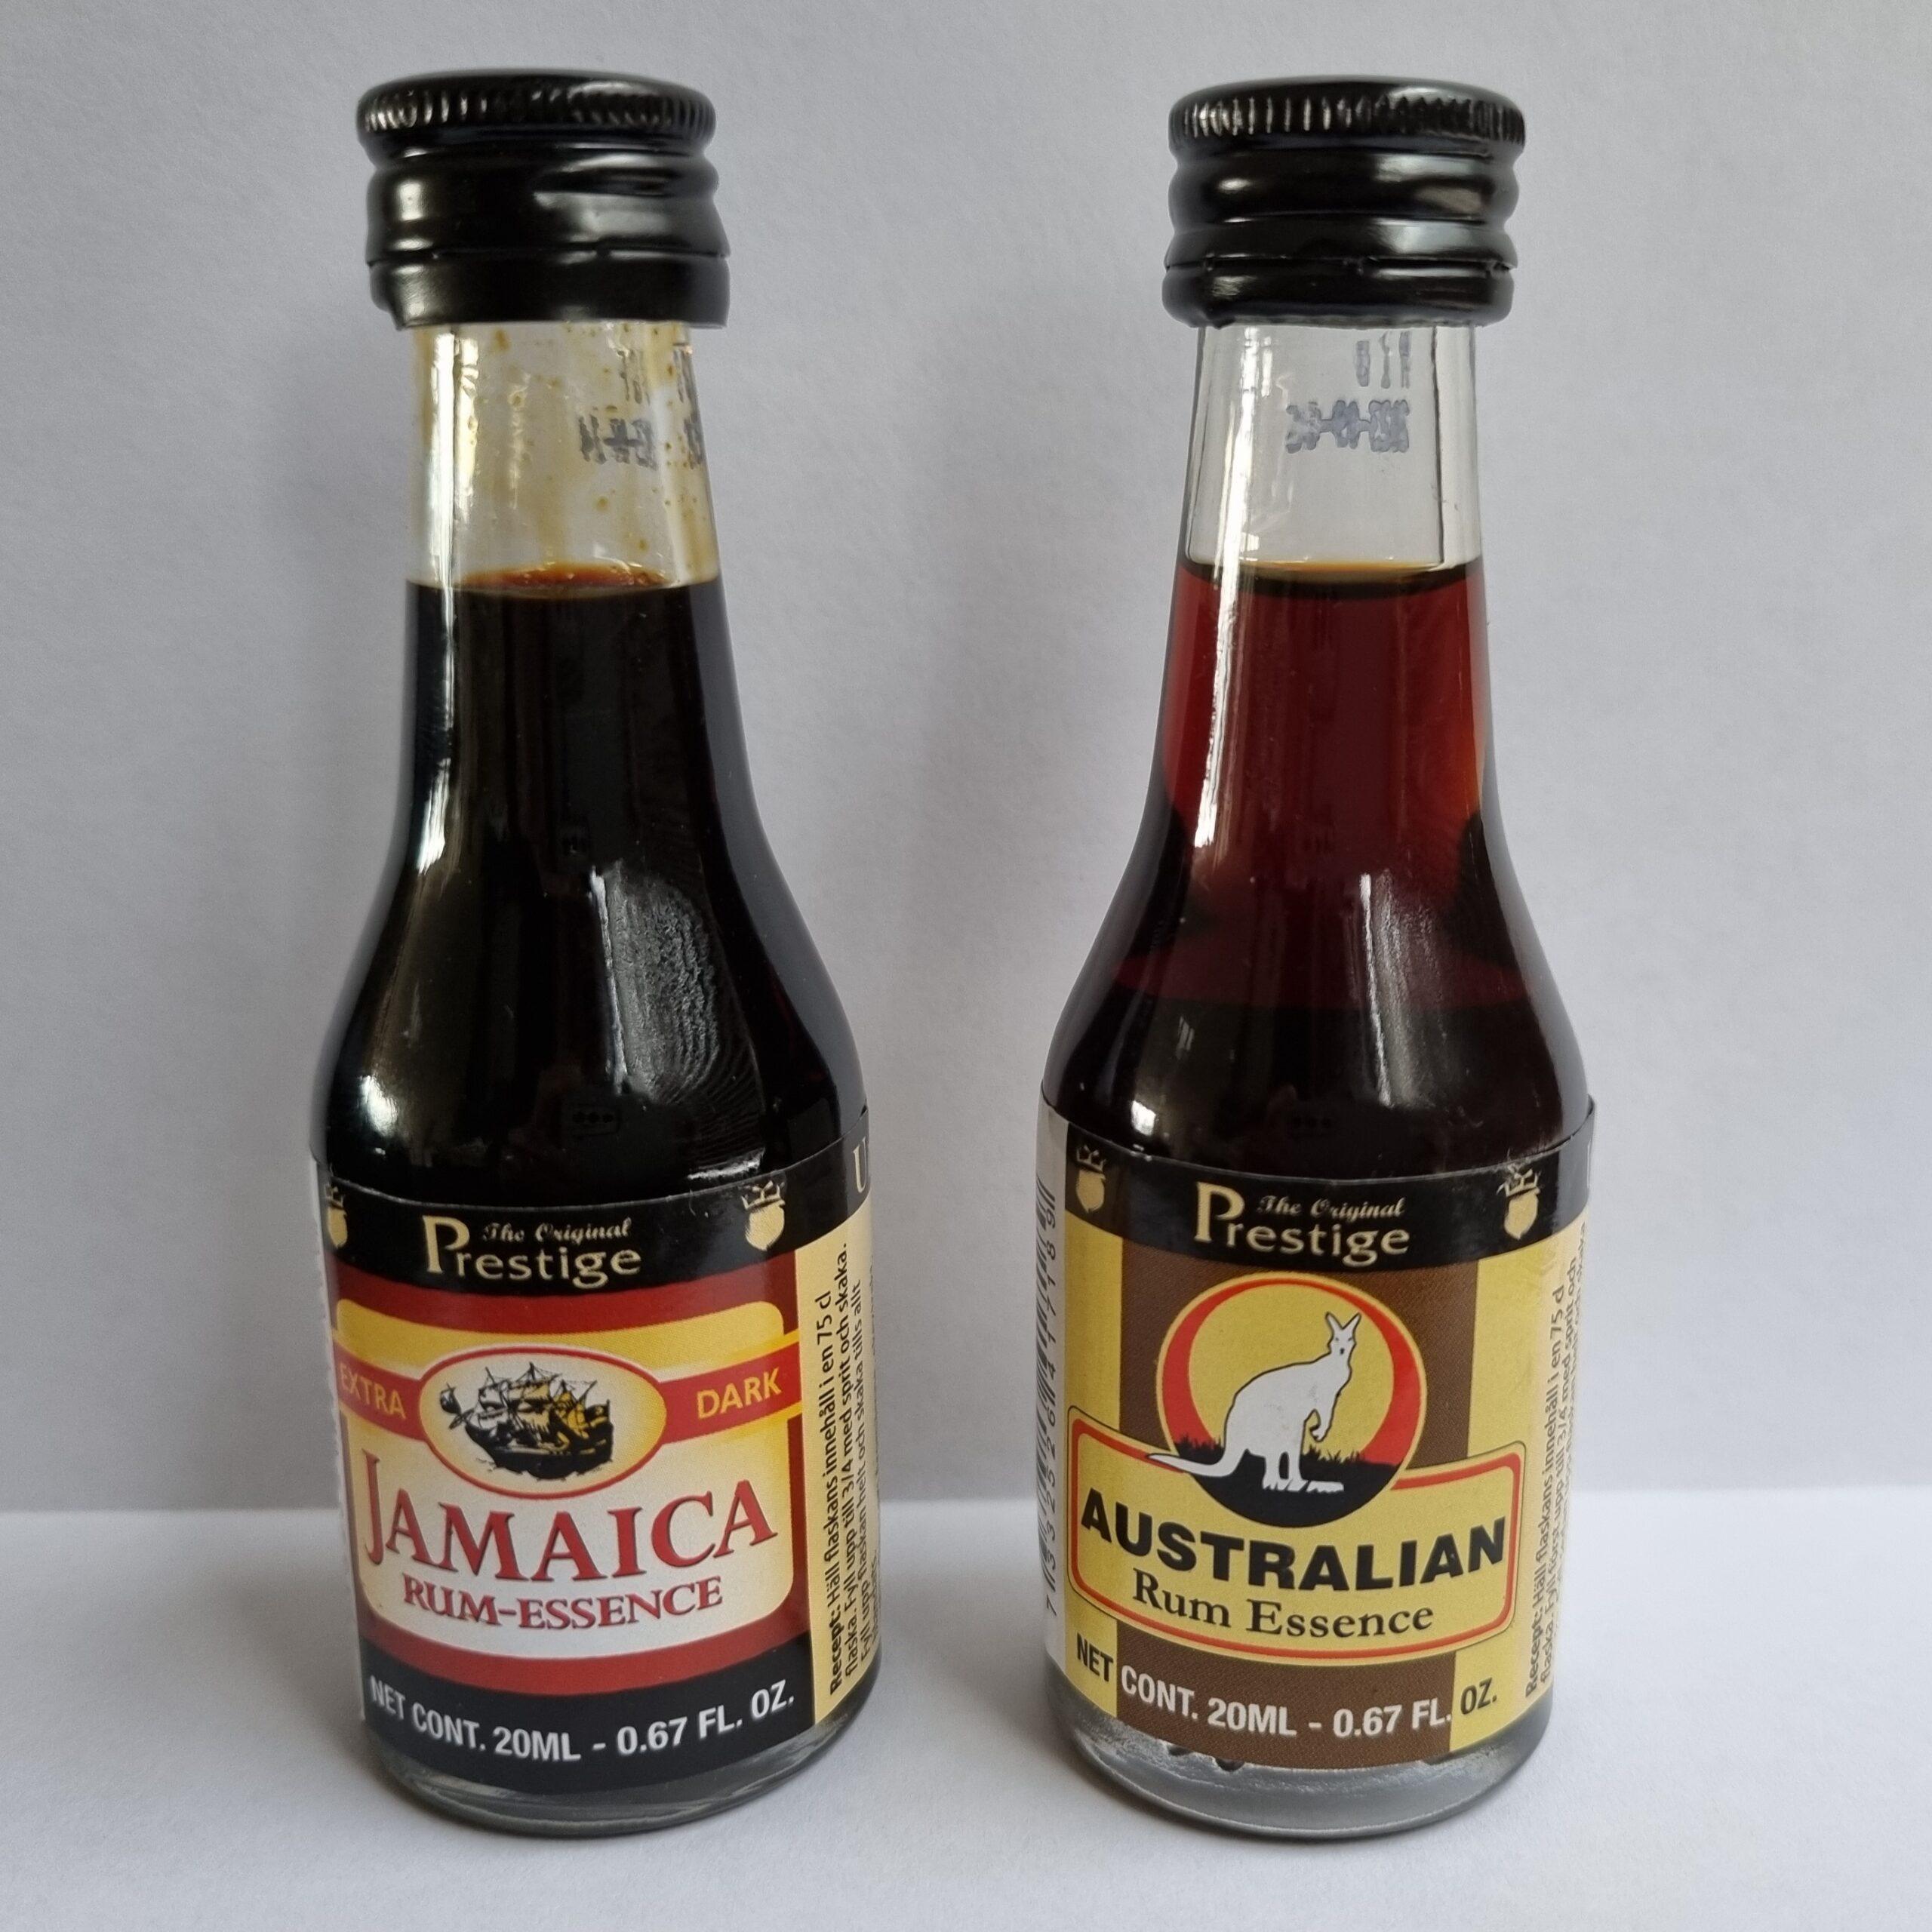 Australische rum essence | Jamaicaanse rum essence | Drank stoken